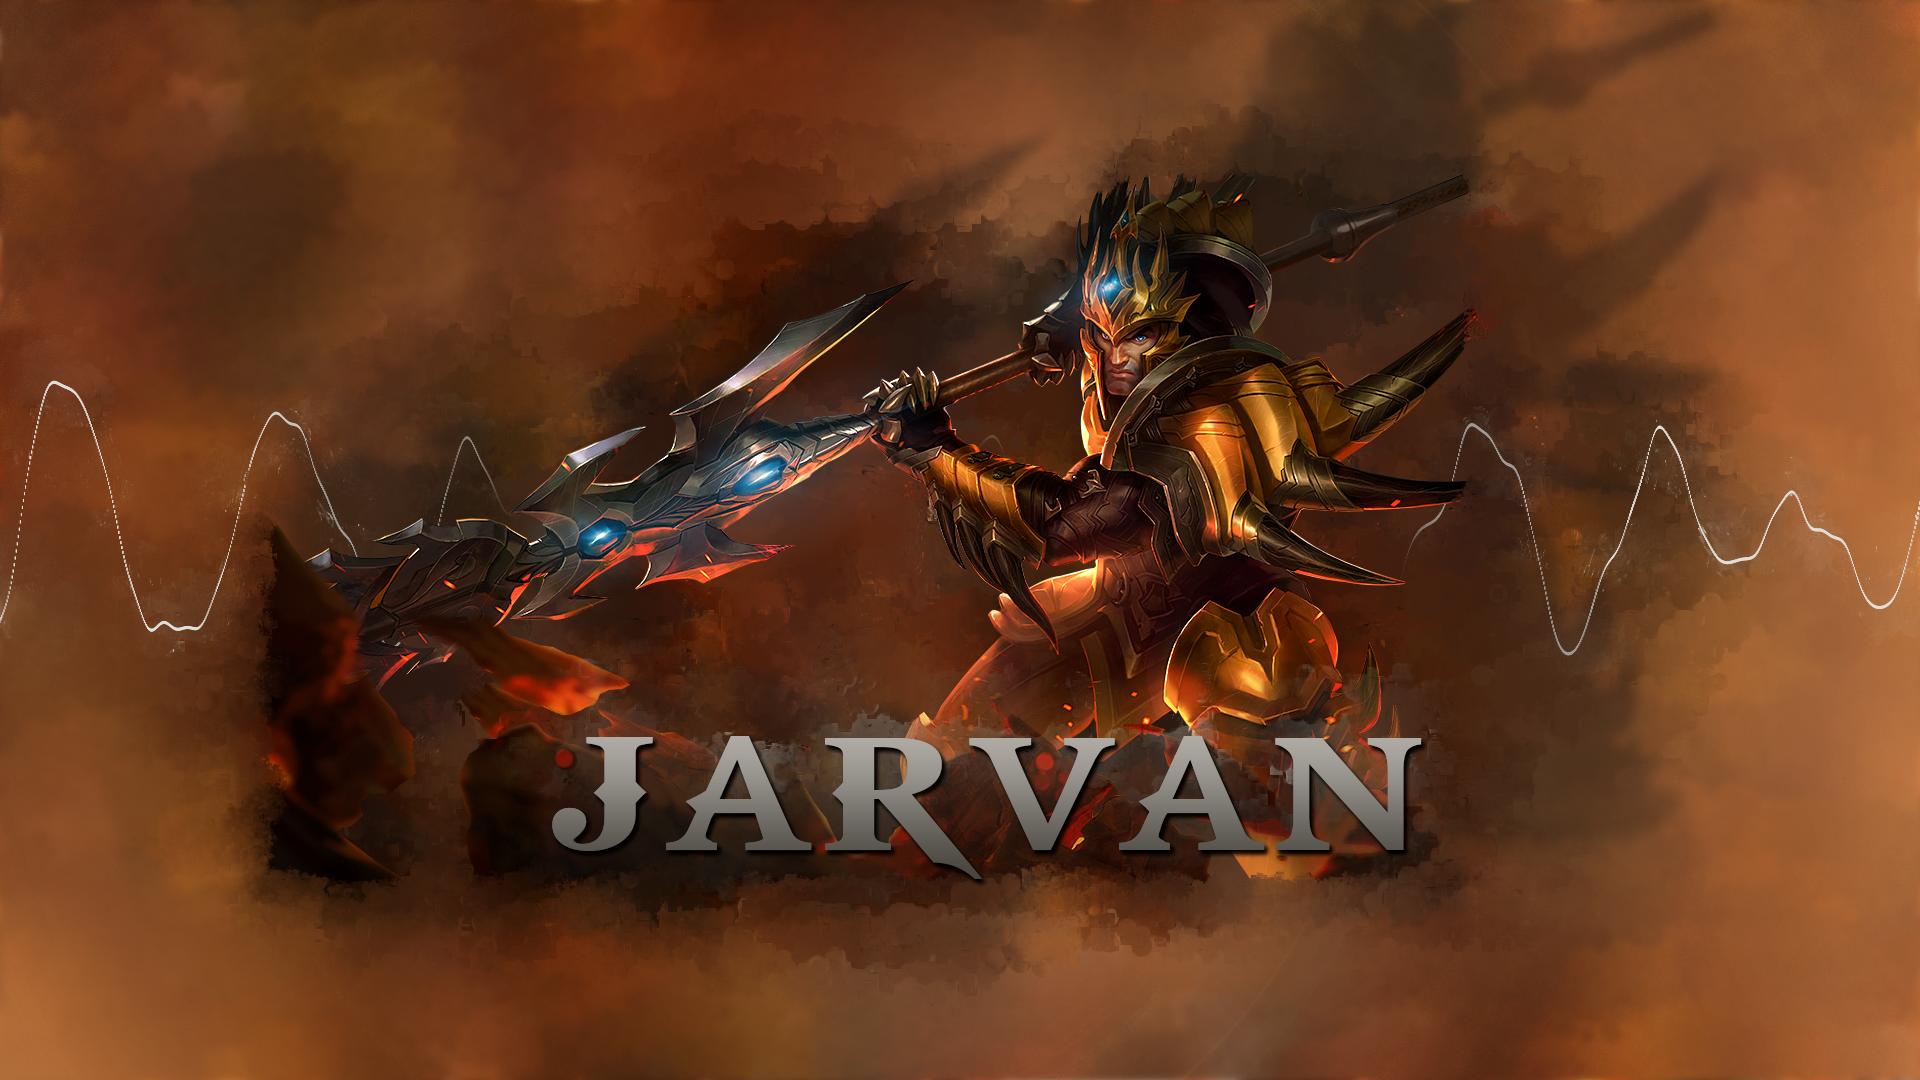 Jarvan IV wallpaper